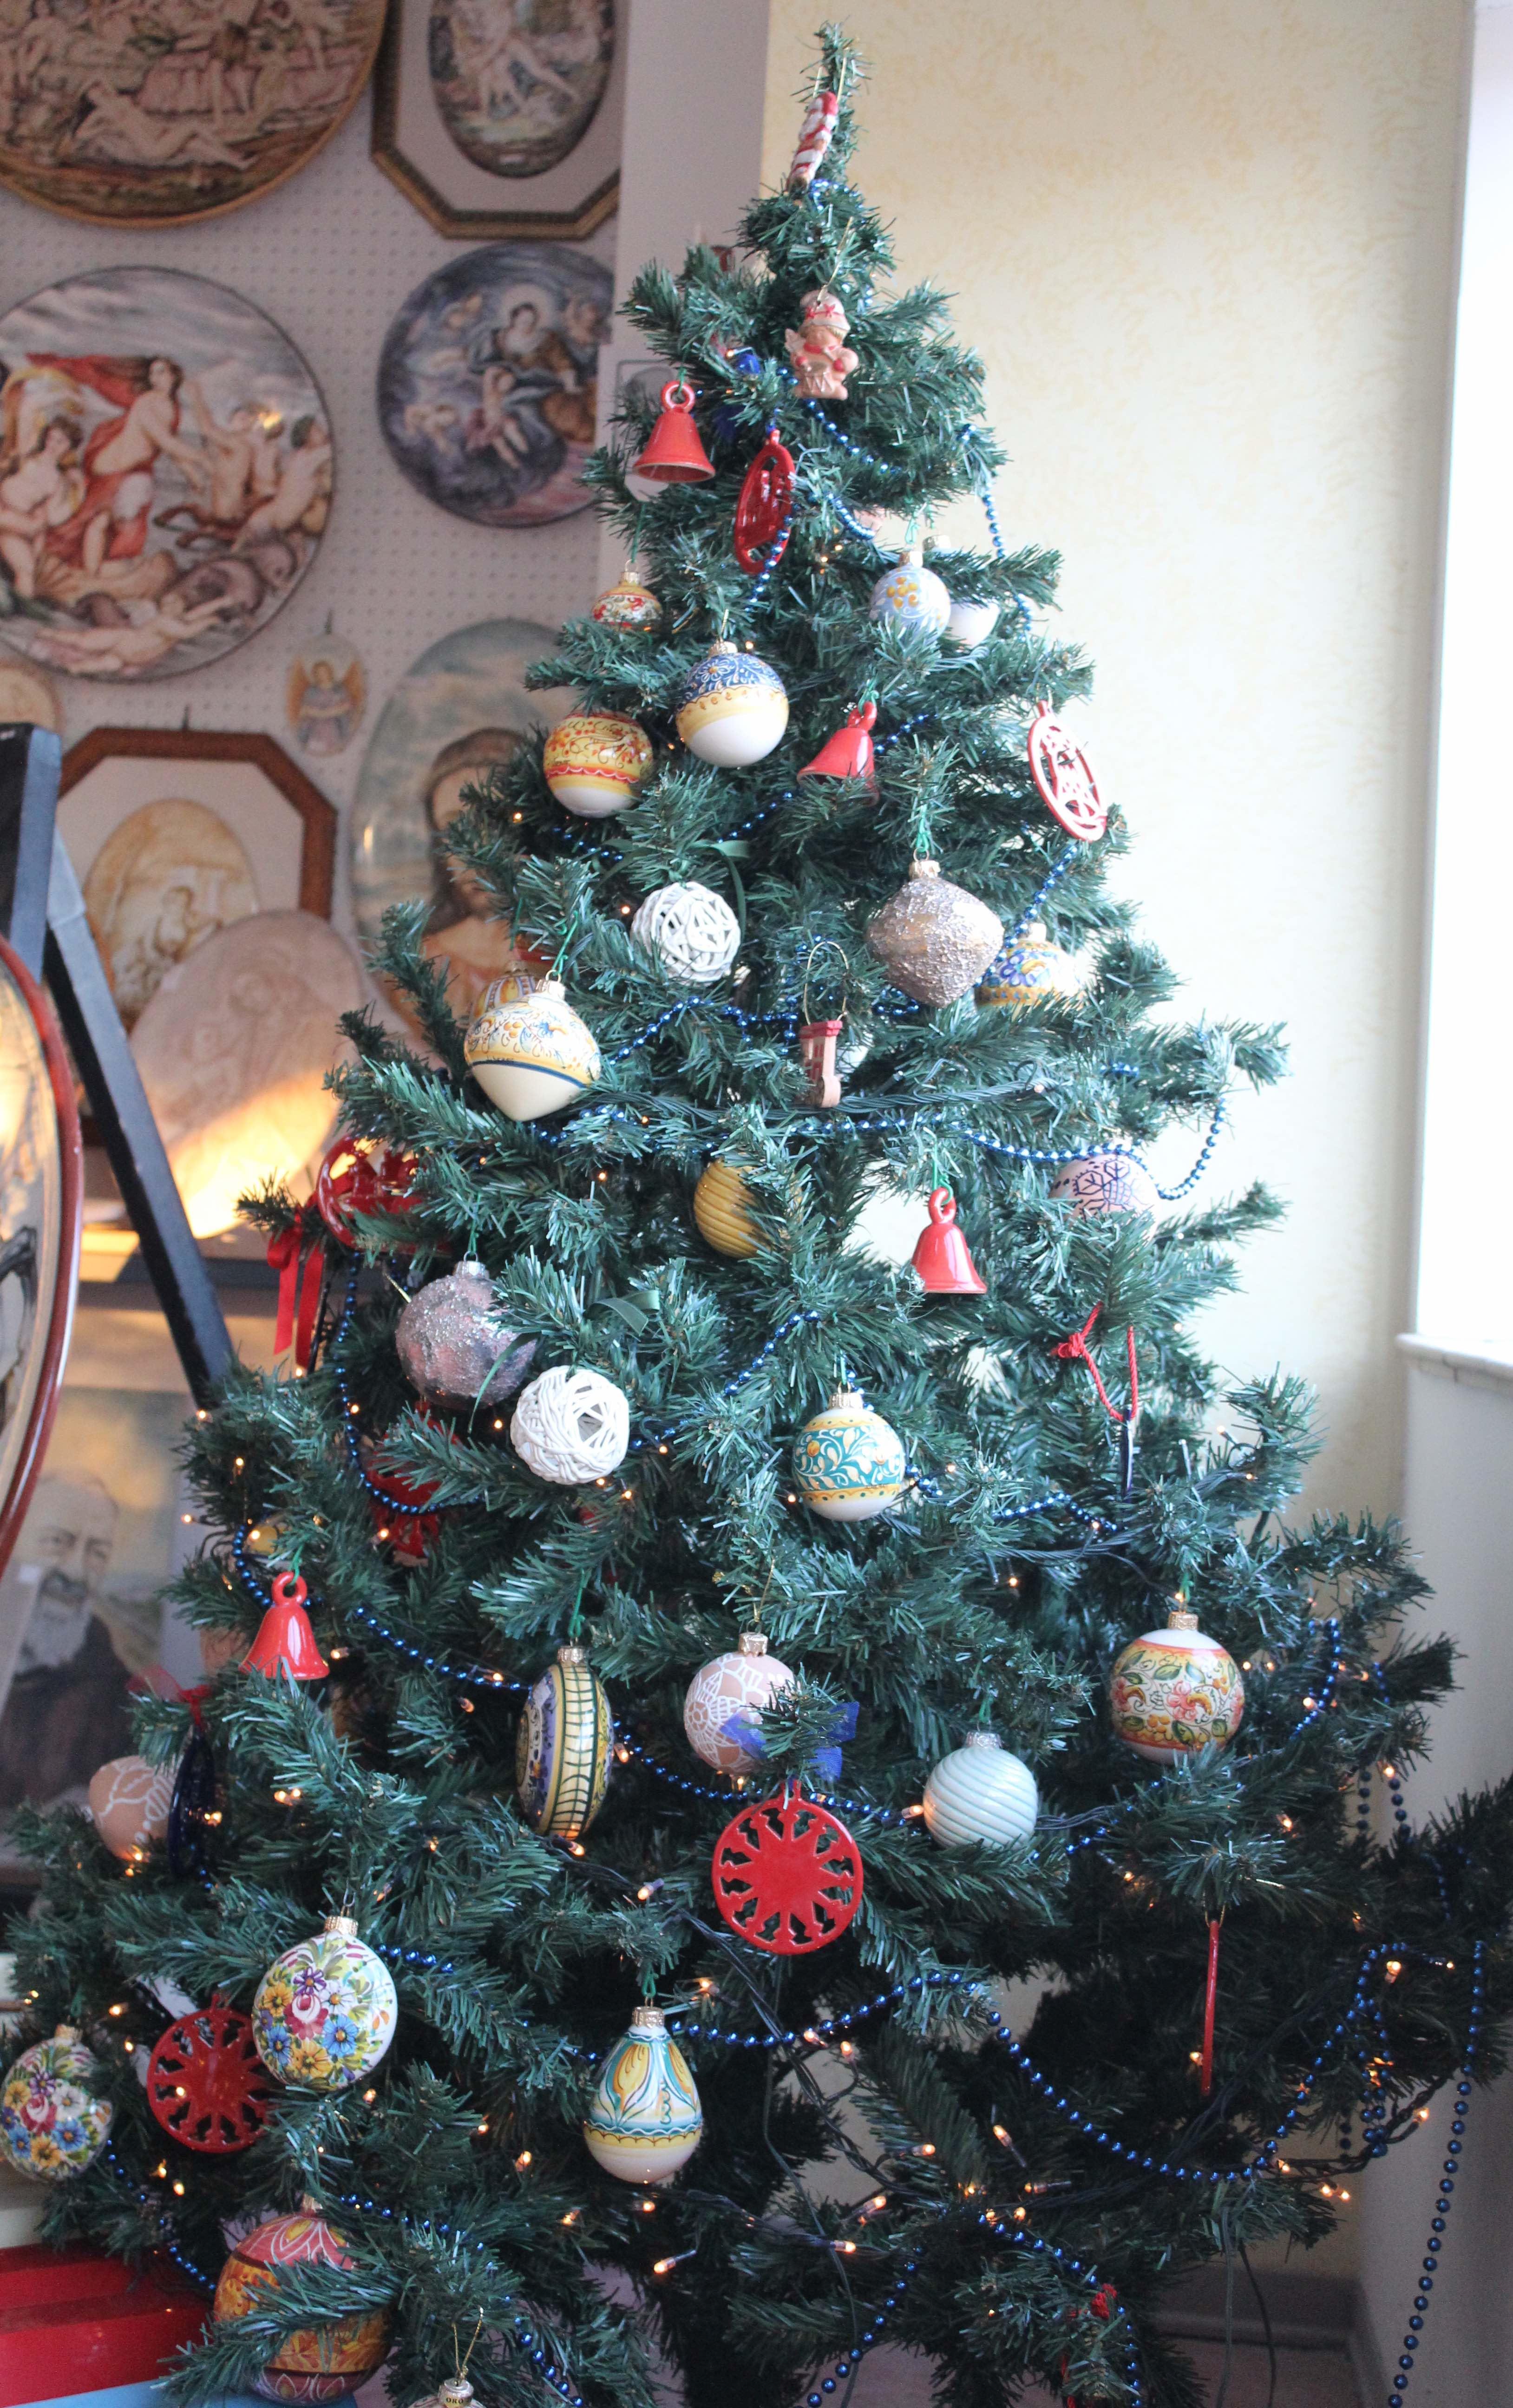 Immagini Natalizieit.Decorazioni Natalizie Quando Nasce L Albero Di Natale Liberati